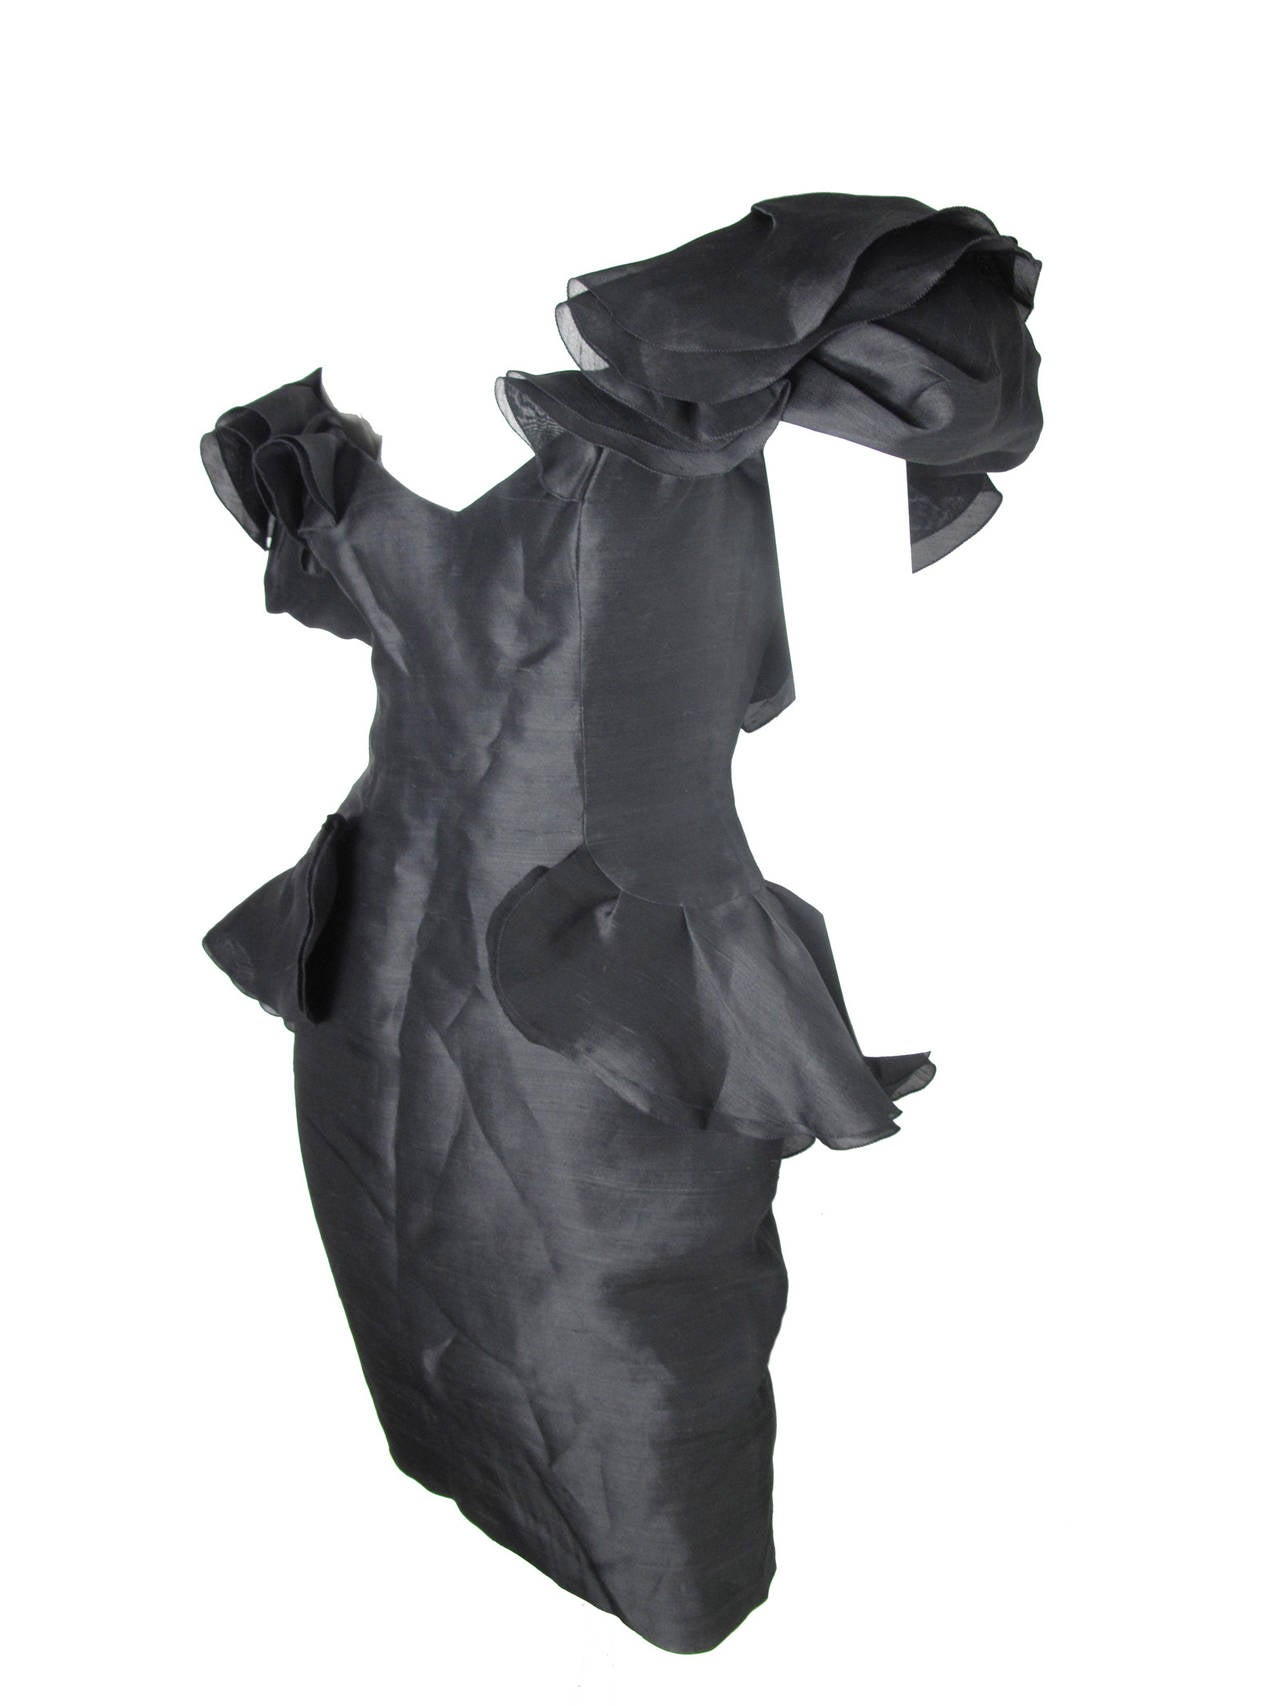 Loris Azzaro Cocktail Dress  2